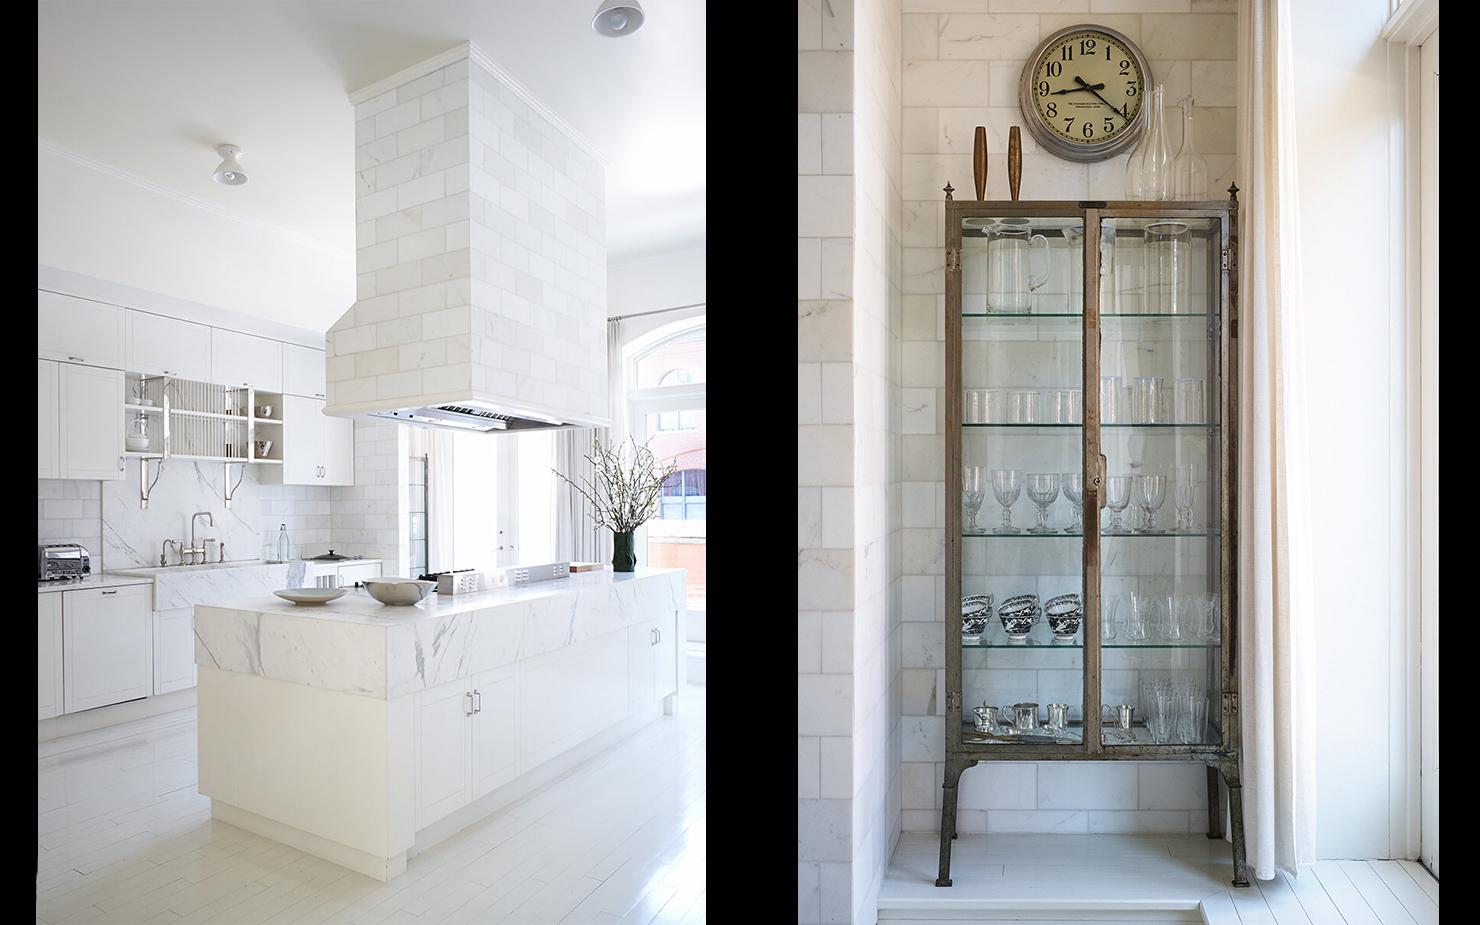 Goop_Gwyneth-Paltrow_apartmentr-2-up.jpg